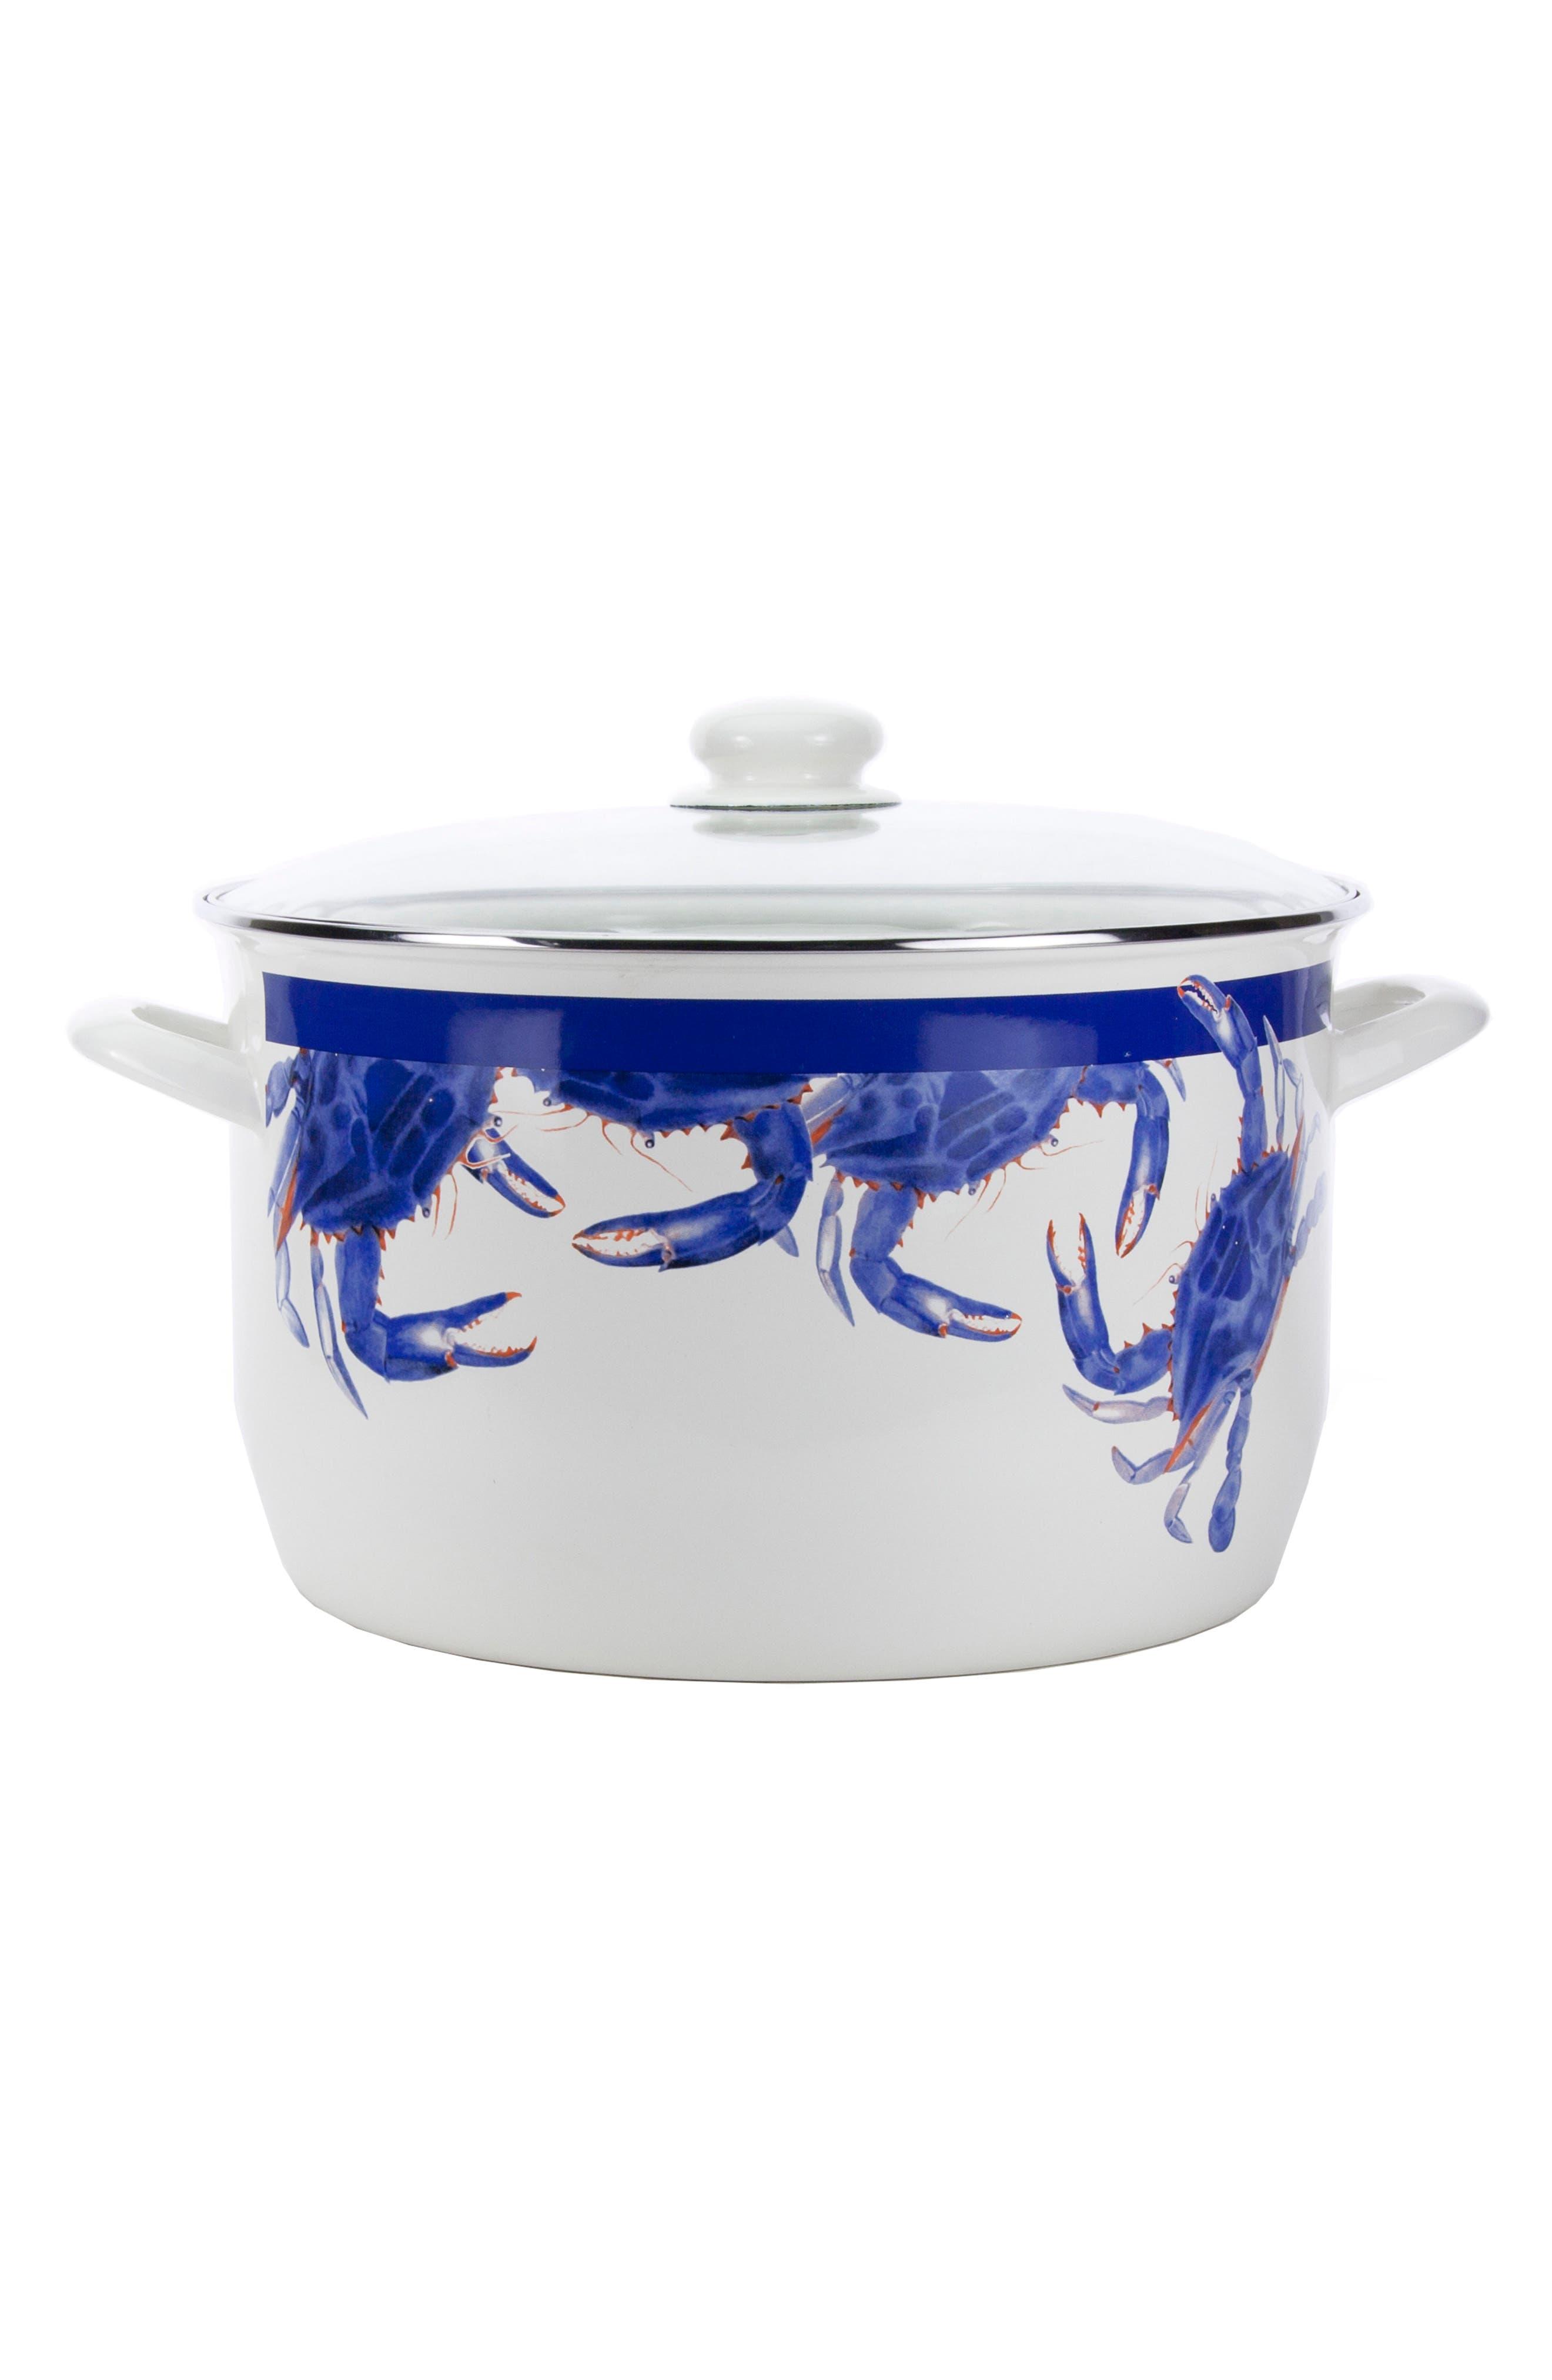 Blue Crab 18-Quart Stock Pot,                         Main,                         color, Blue Crab